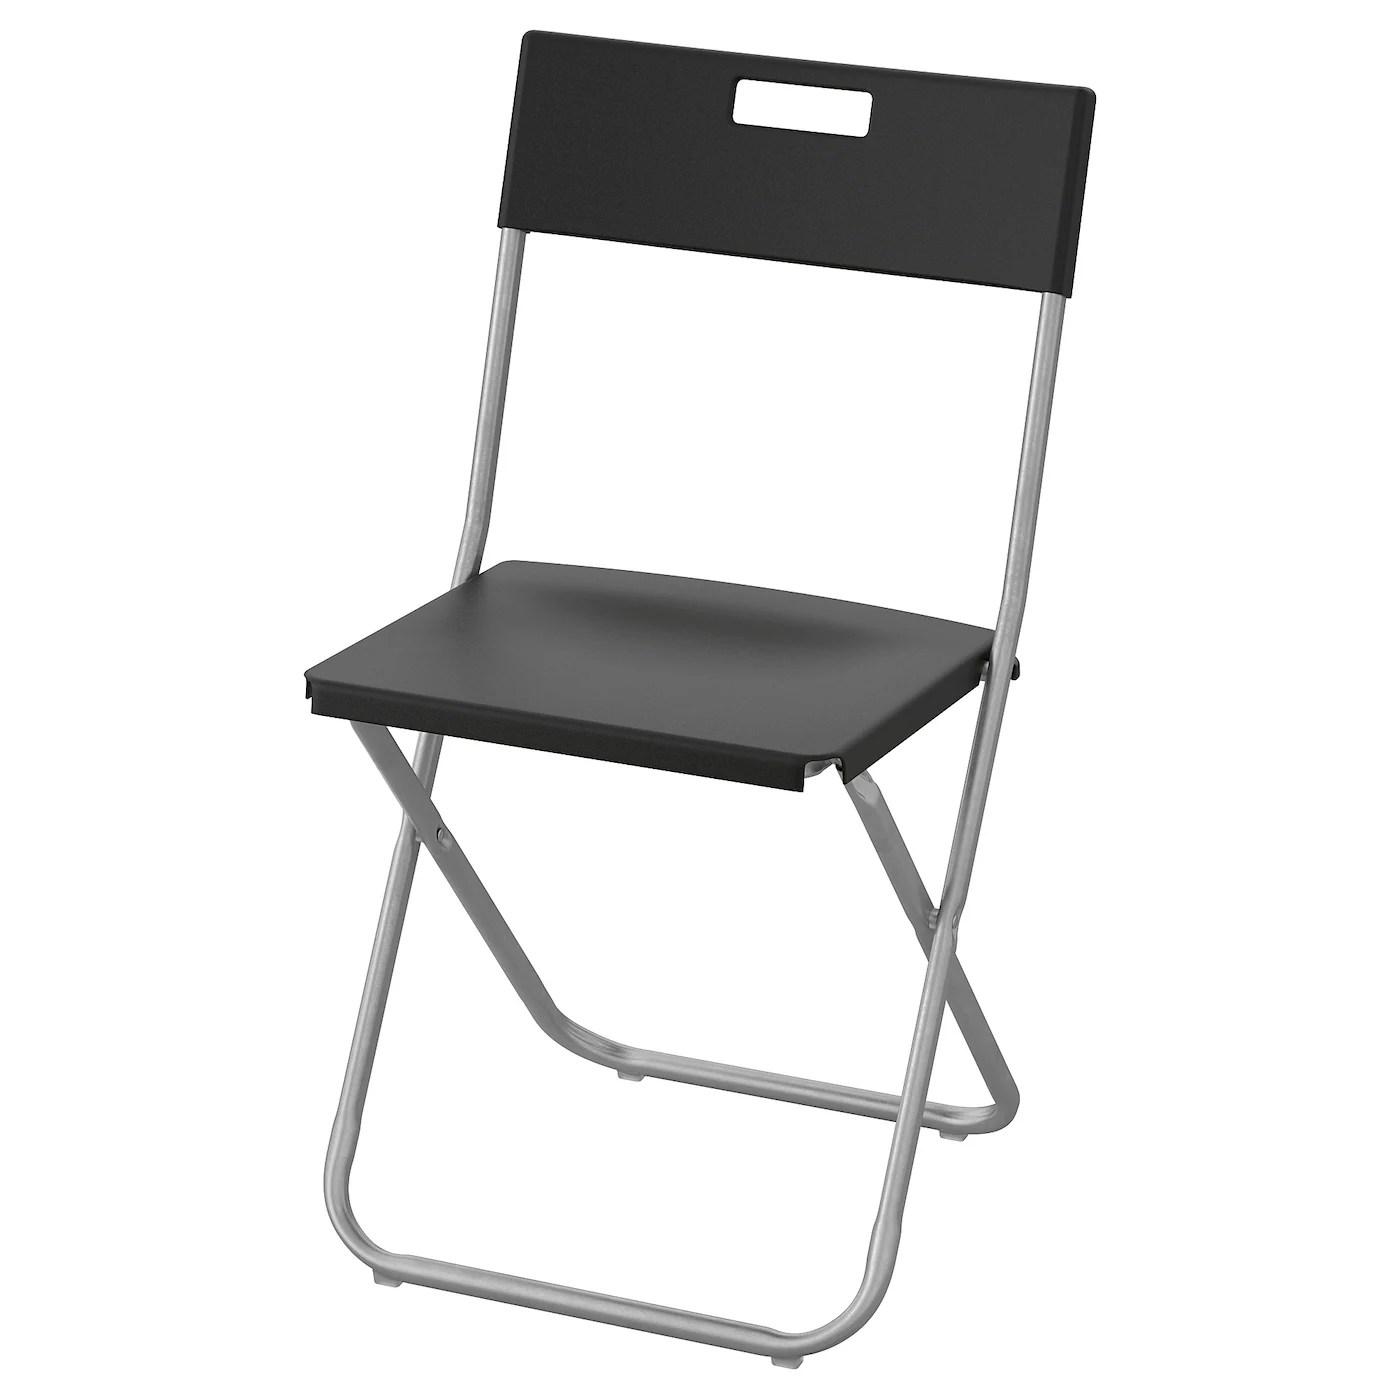 Gunde Chaise Pliante Noir Ikea